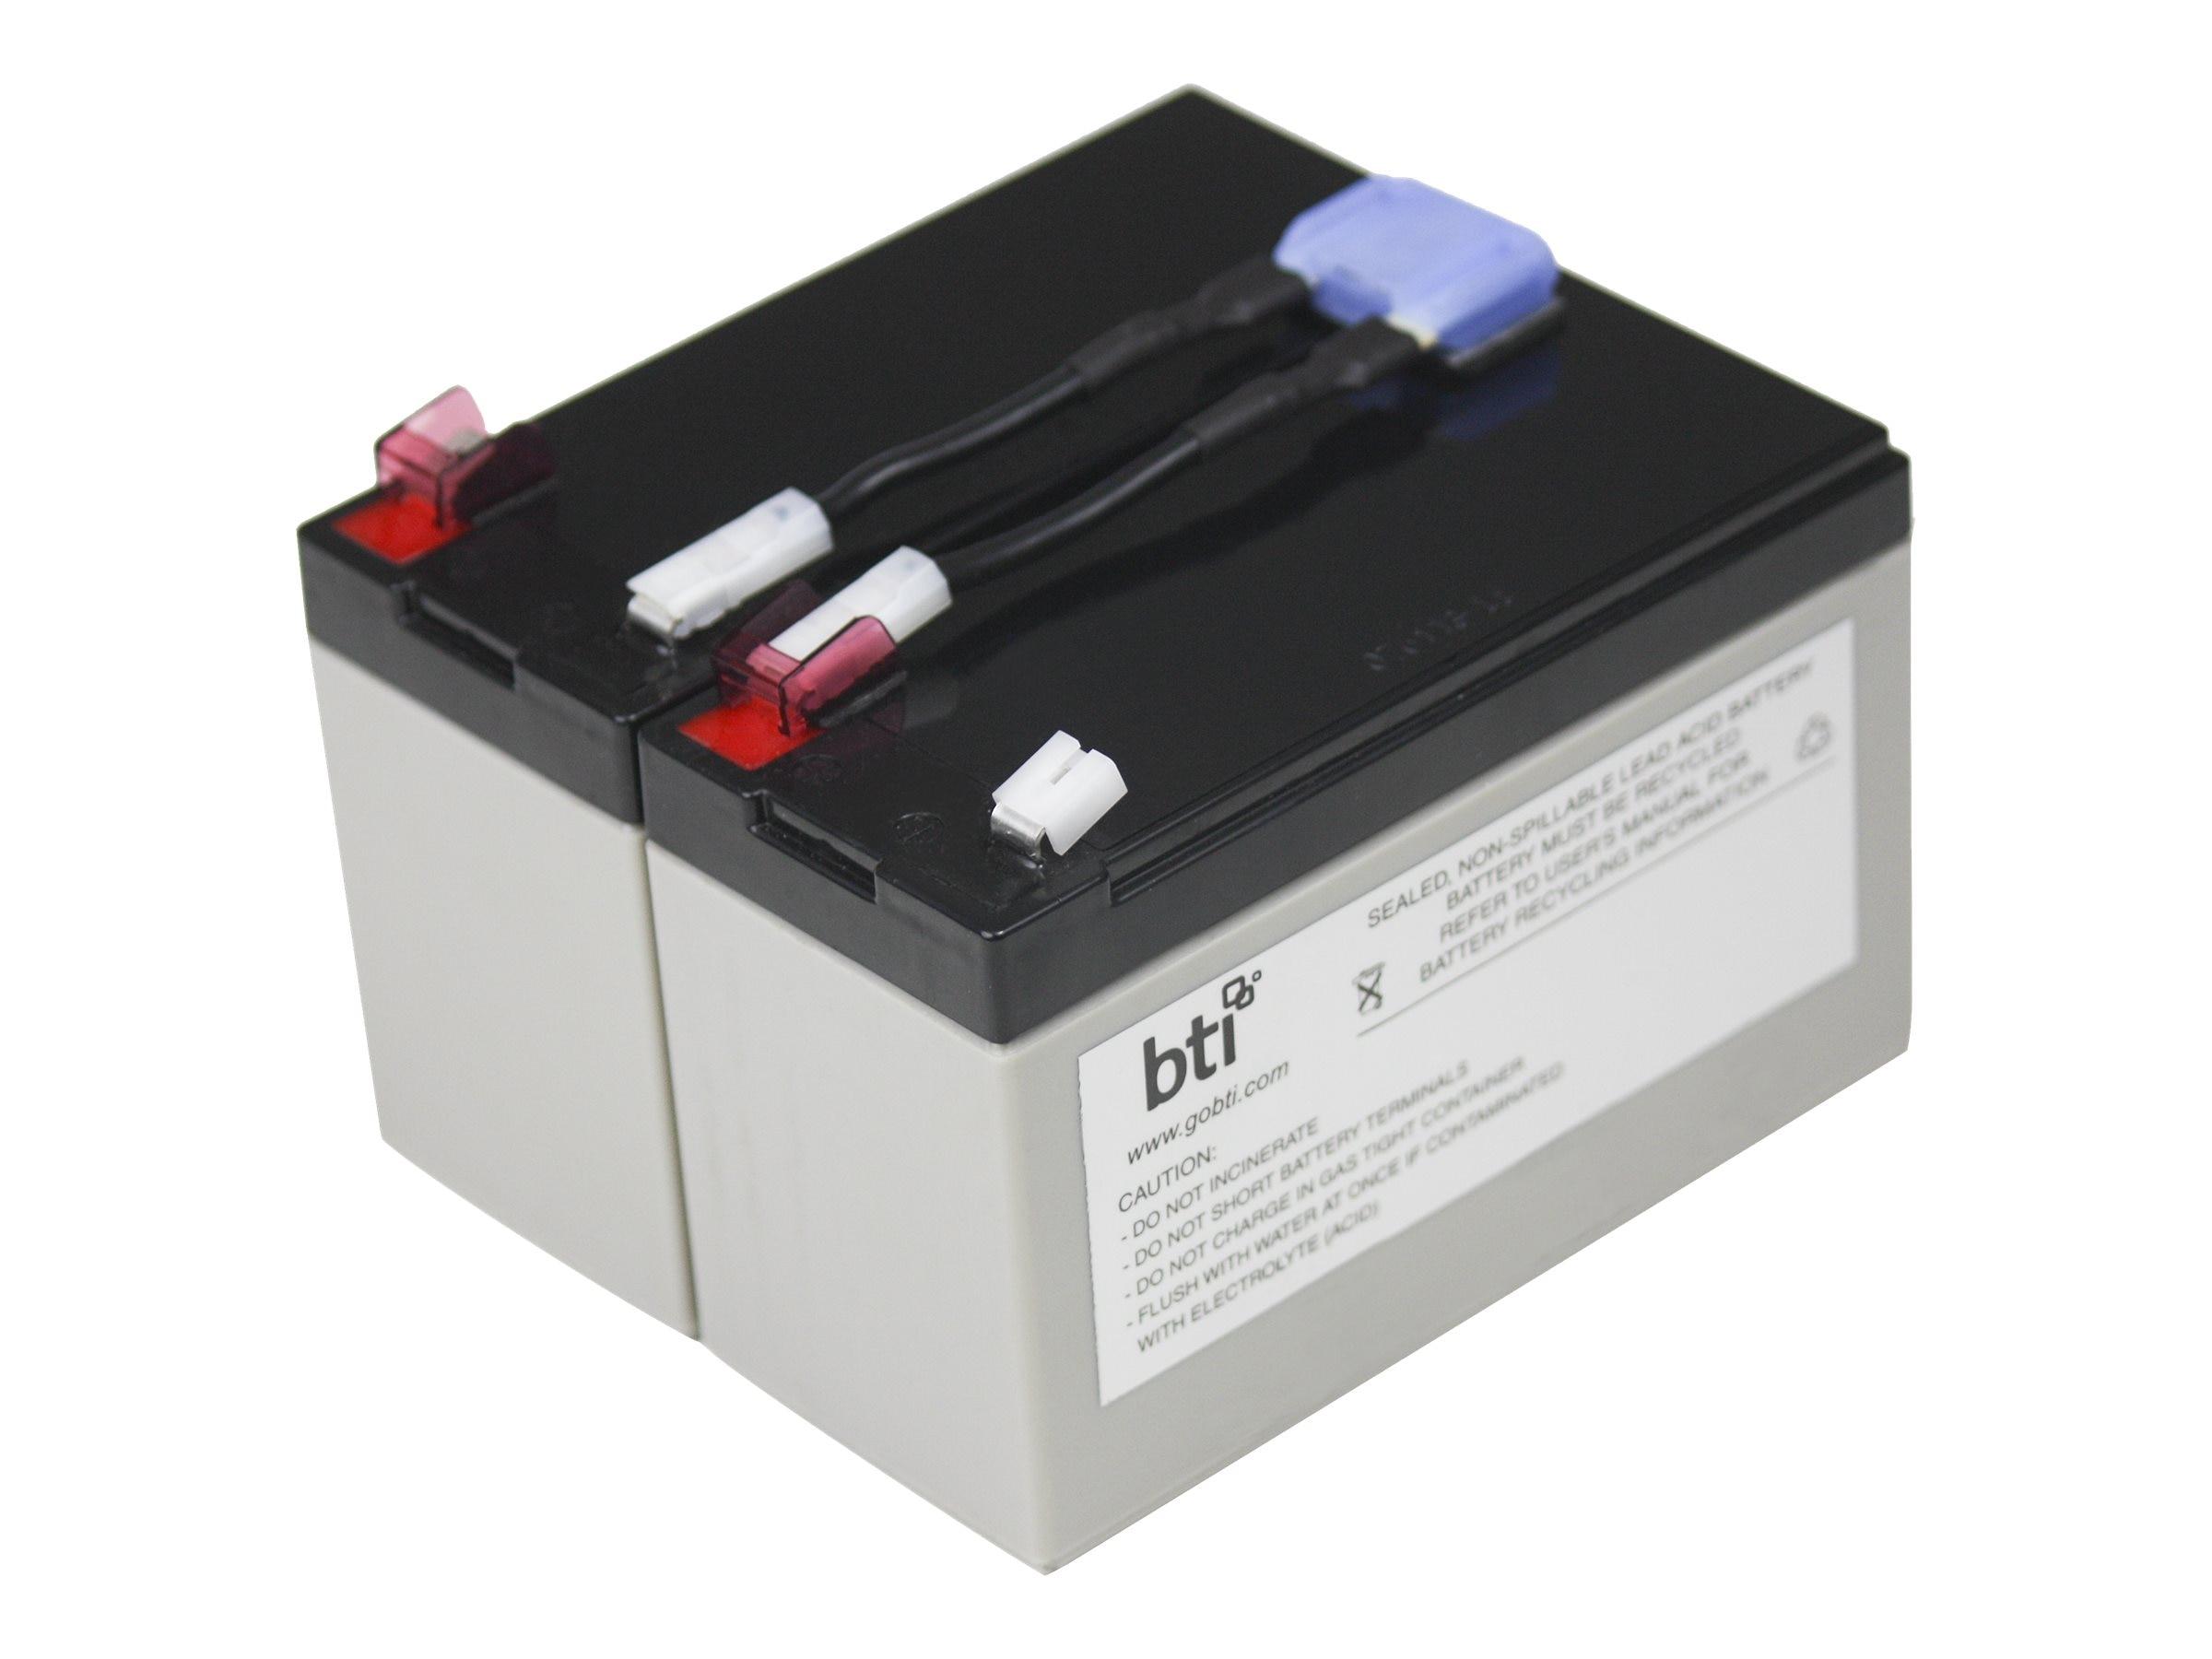 BTI RBC9-SLA9-BTI Image 2